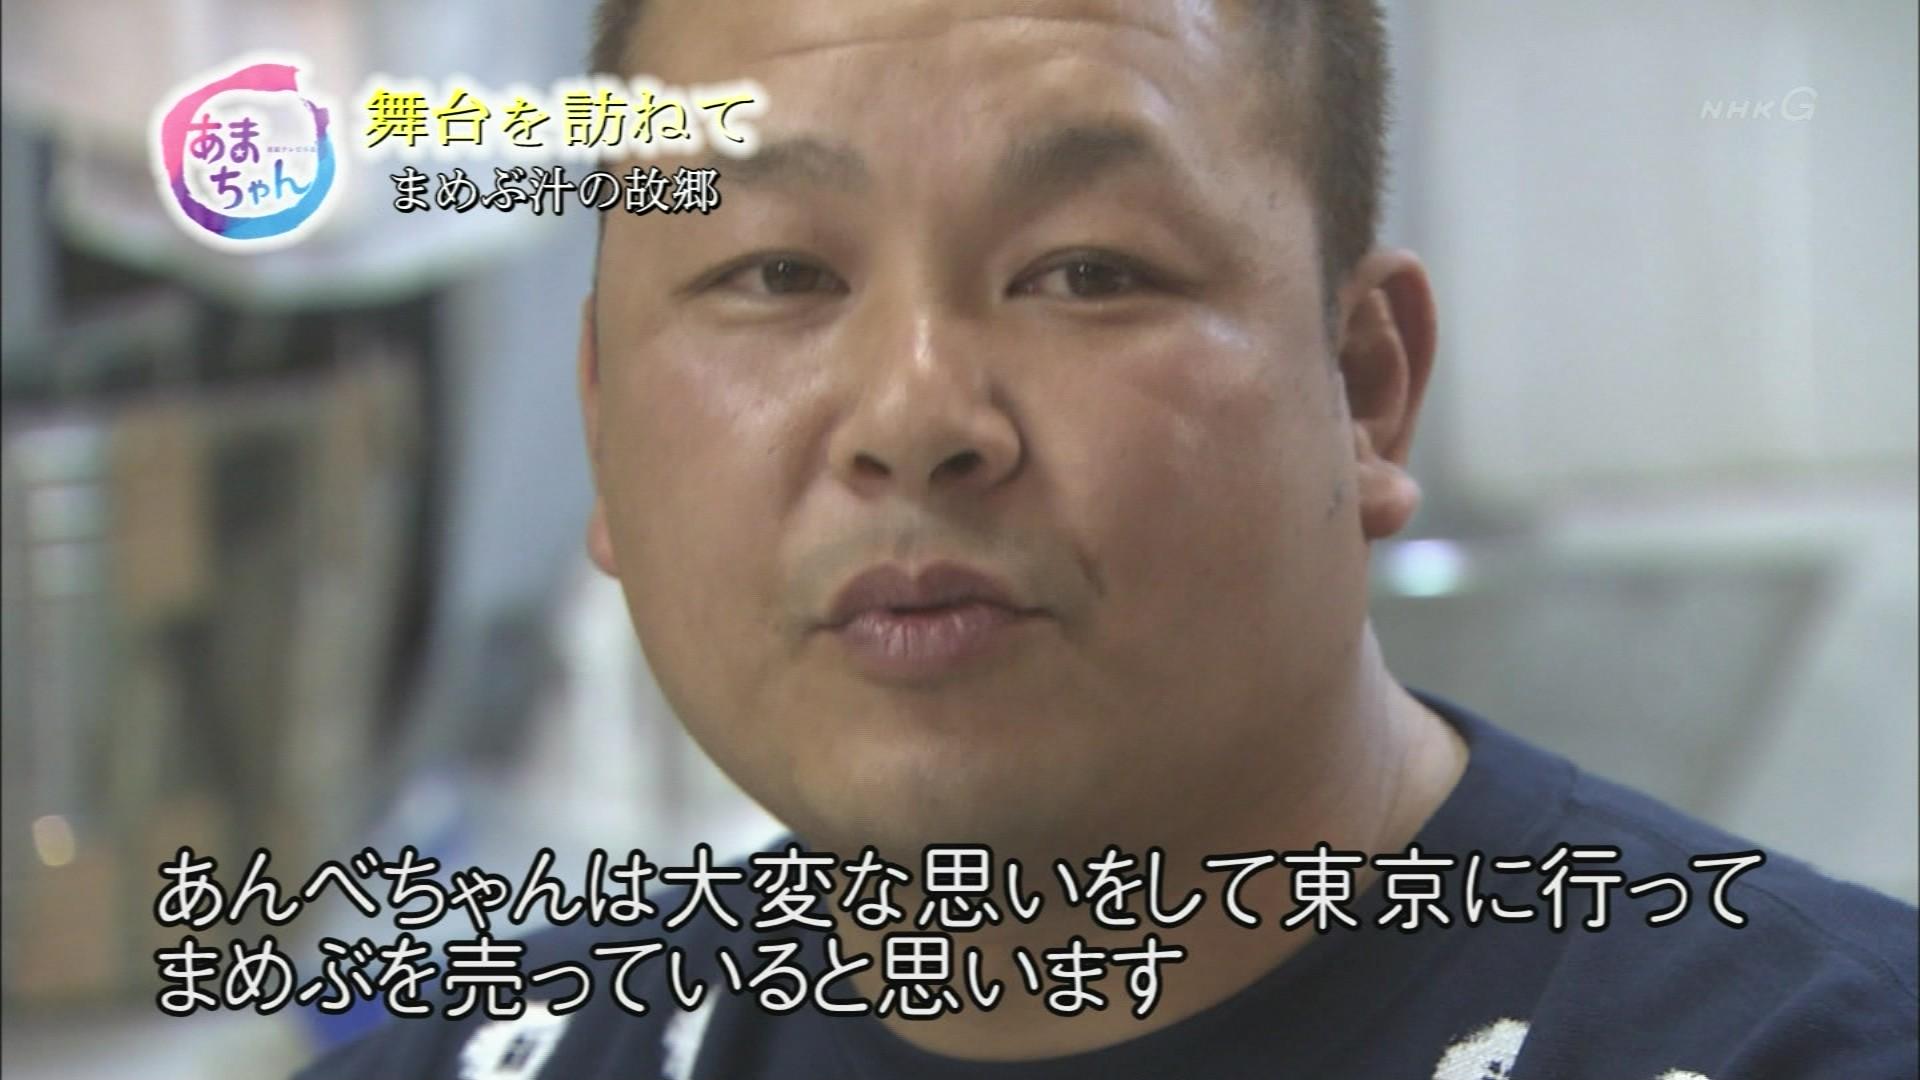 こんなテレビを見た。  NHKとっておきサンデー 「あまちゃん」の舞台を訪ねてコメント